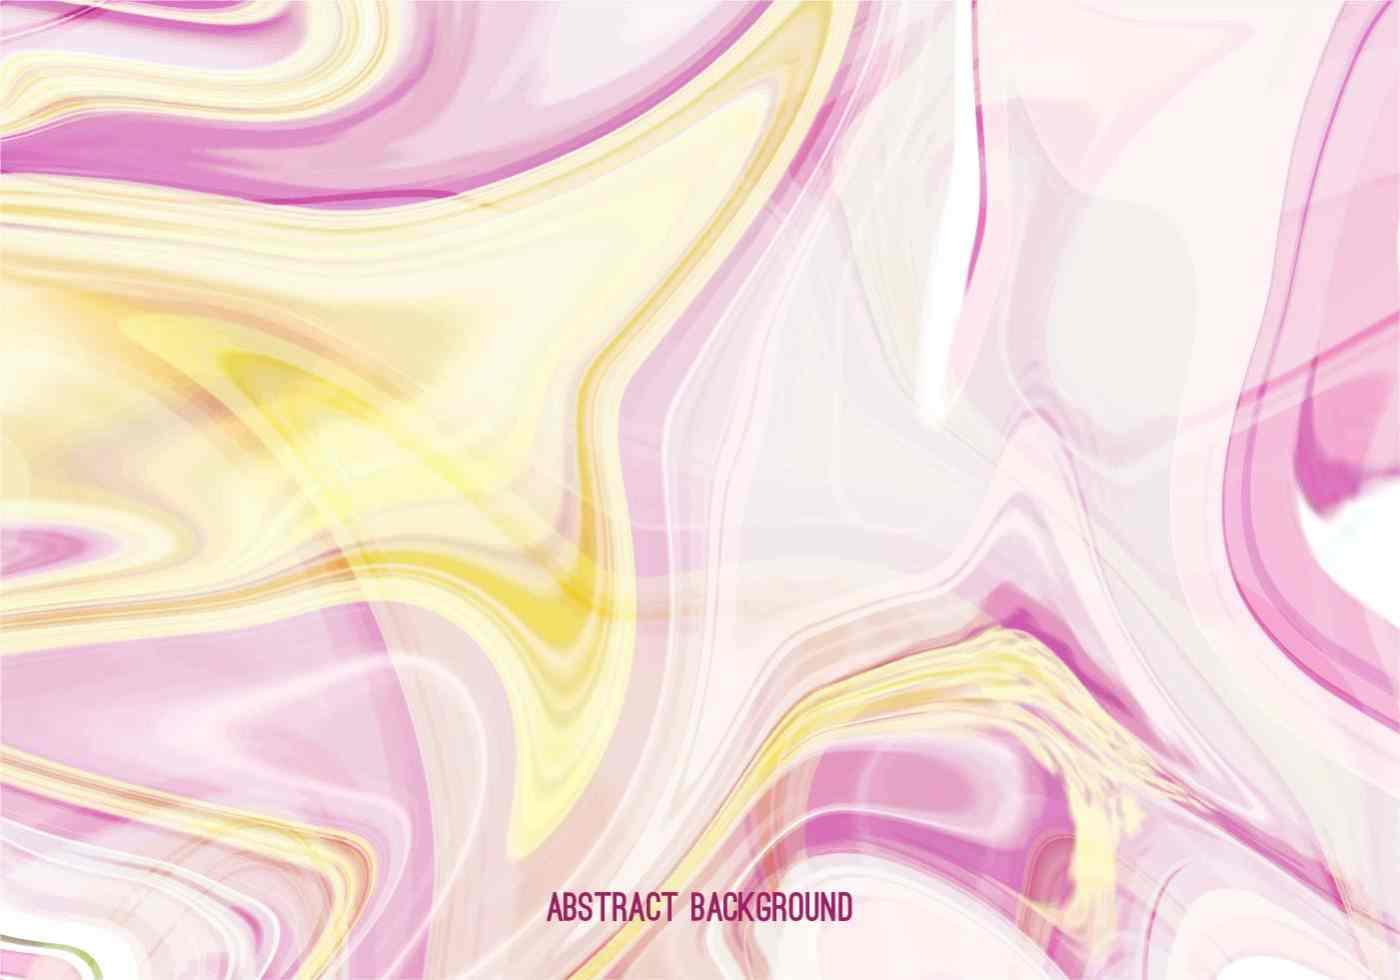 Vector libre de color rosa amarillo fondo de mrmol  Descargue Grficos y Vectores Gratis